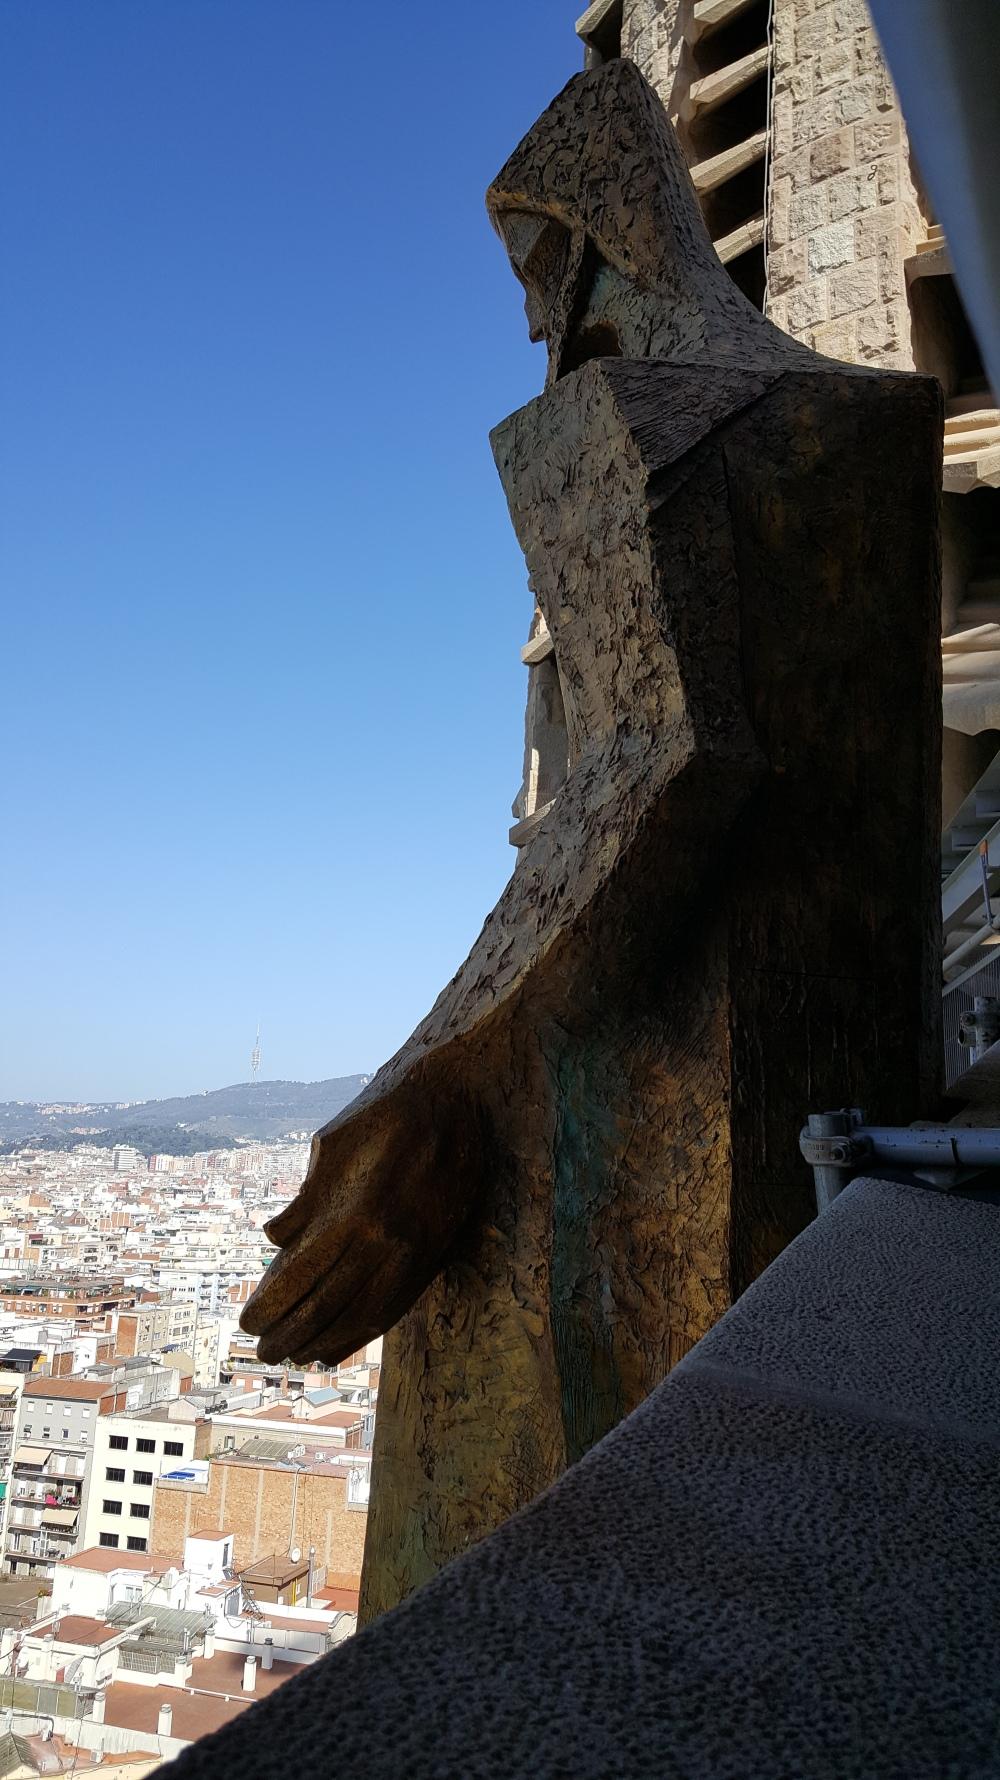 Torre della Passione Sagrada Familia Barcellona Spagna